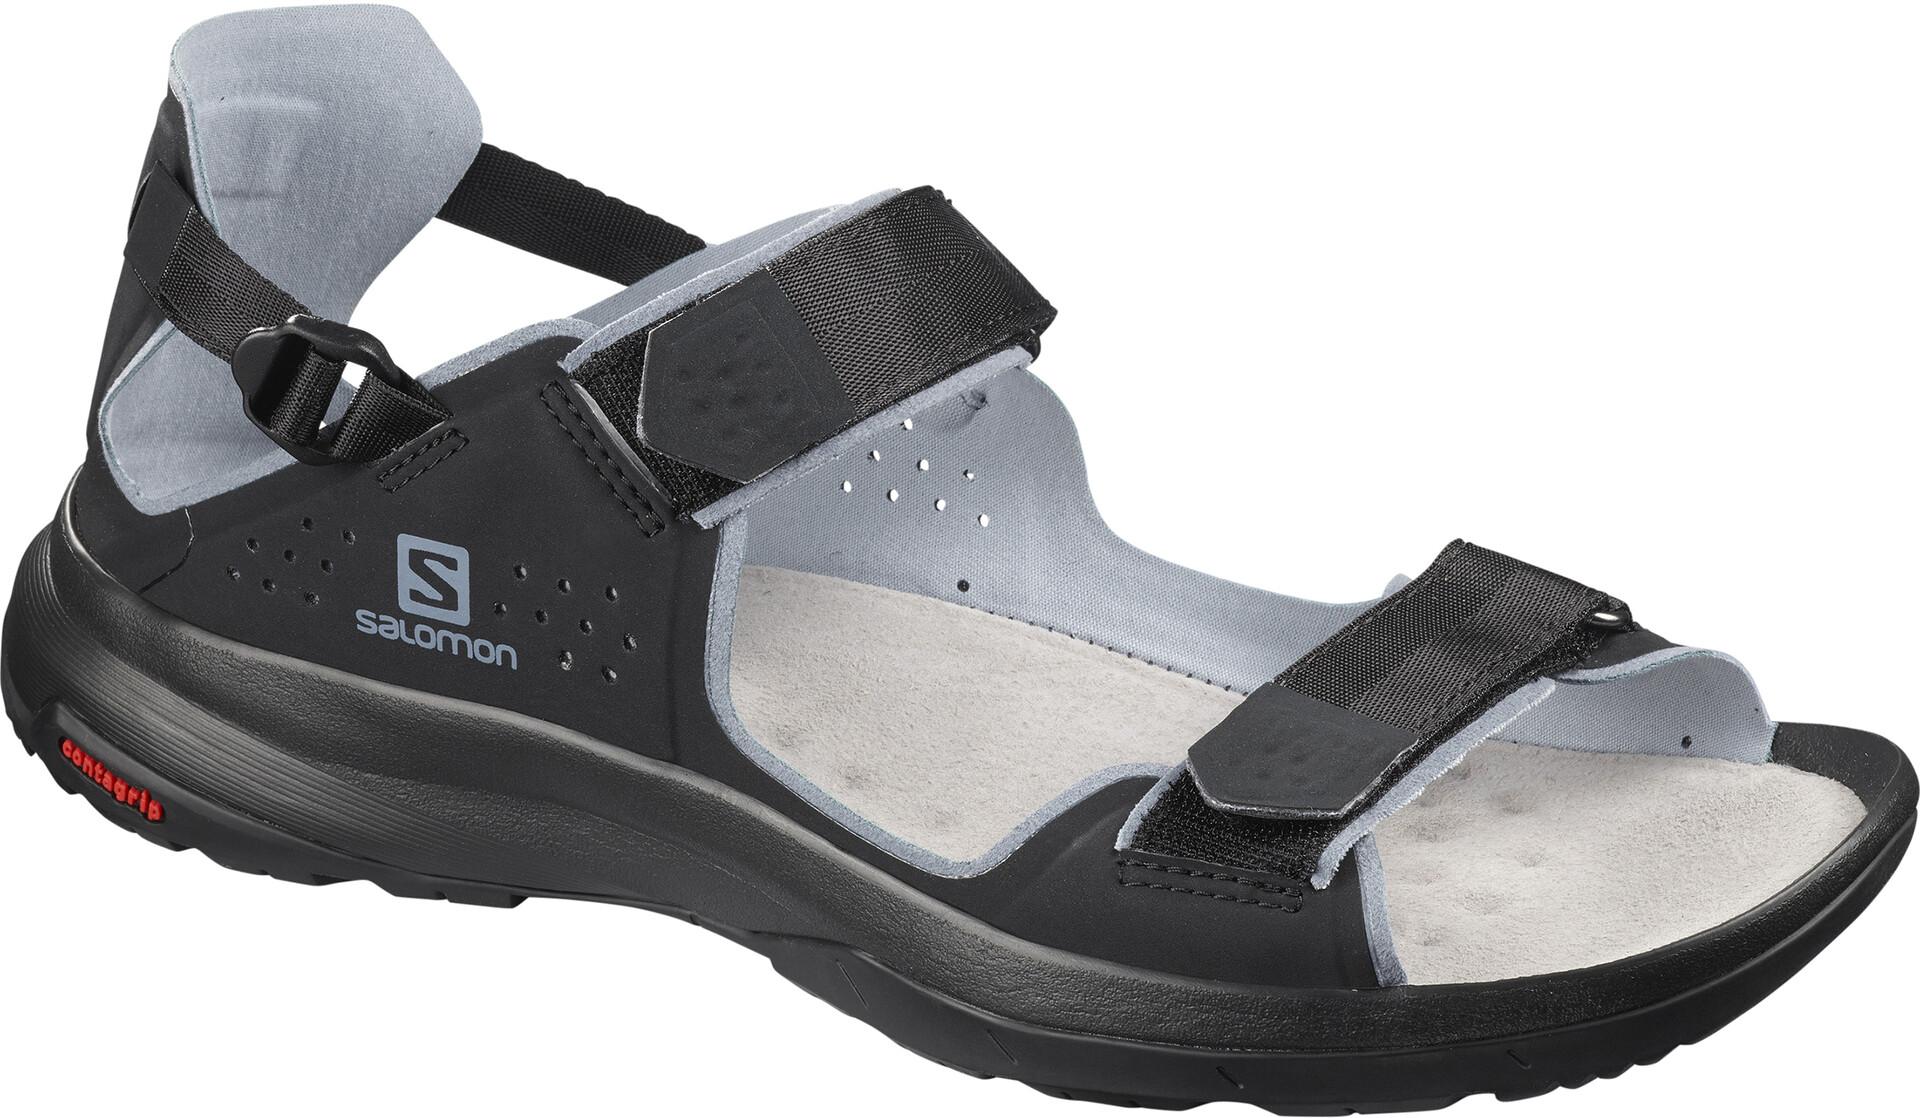 Salomon Women's Tech Sandal